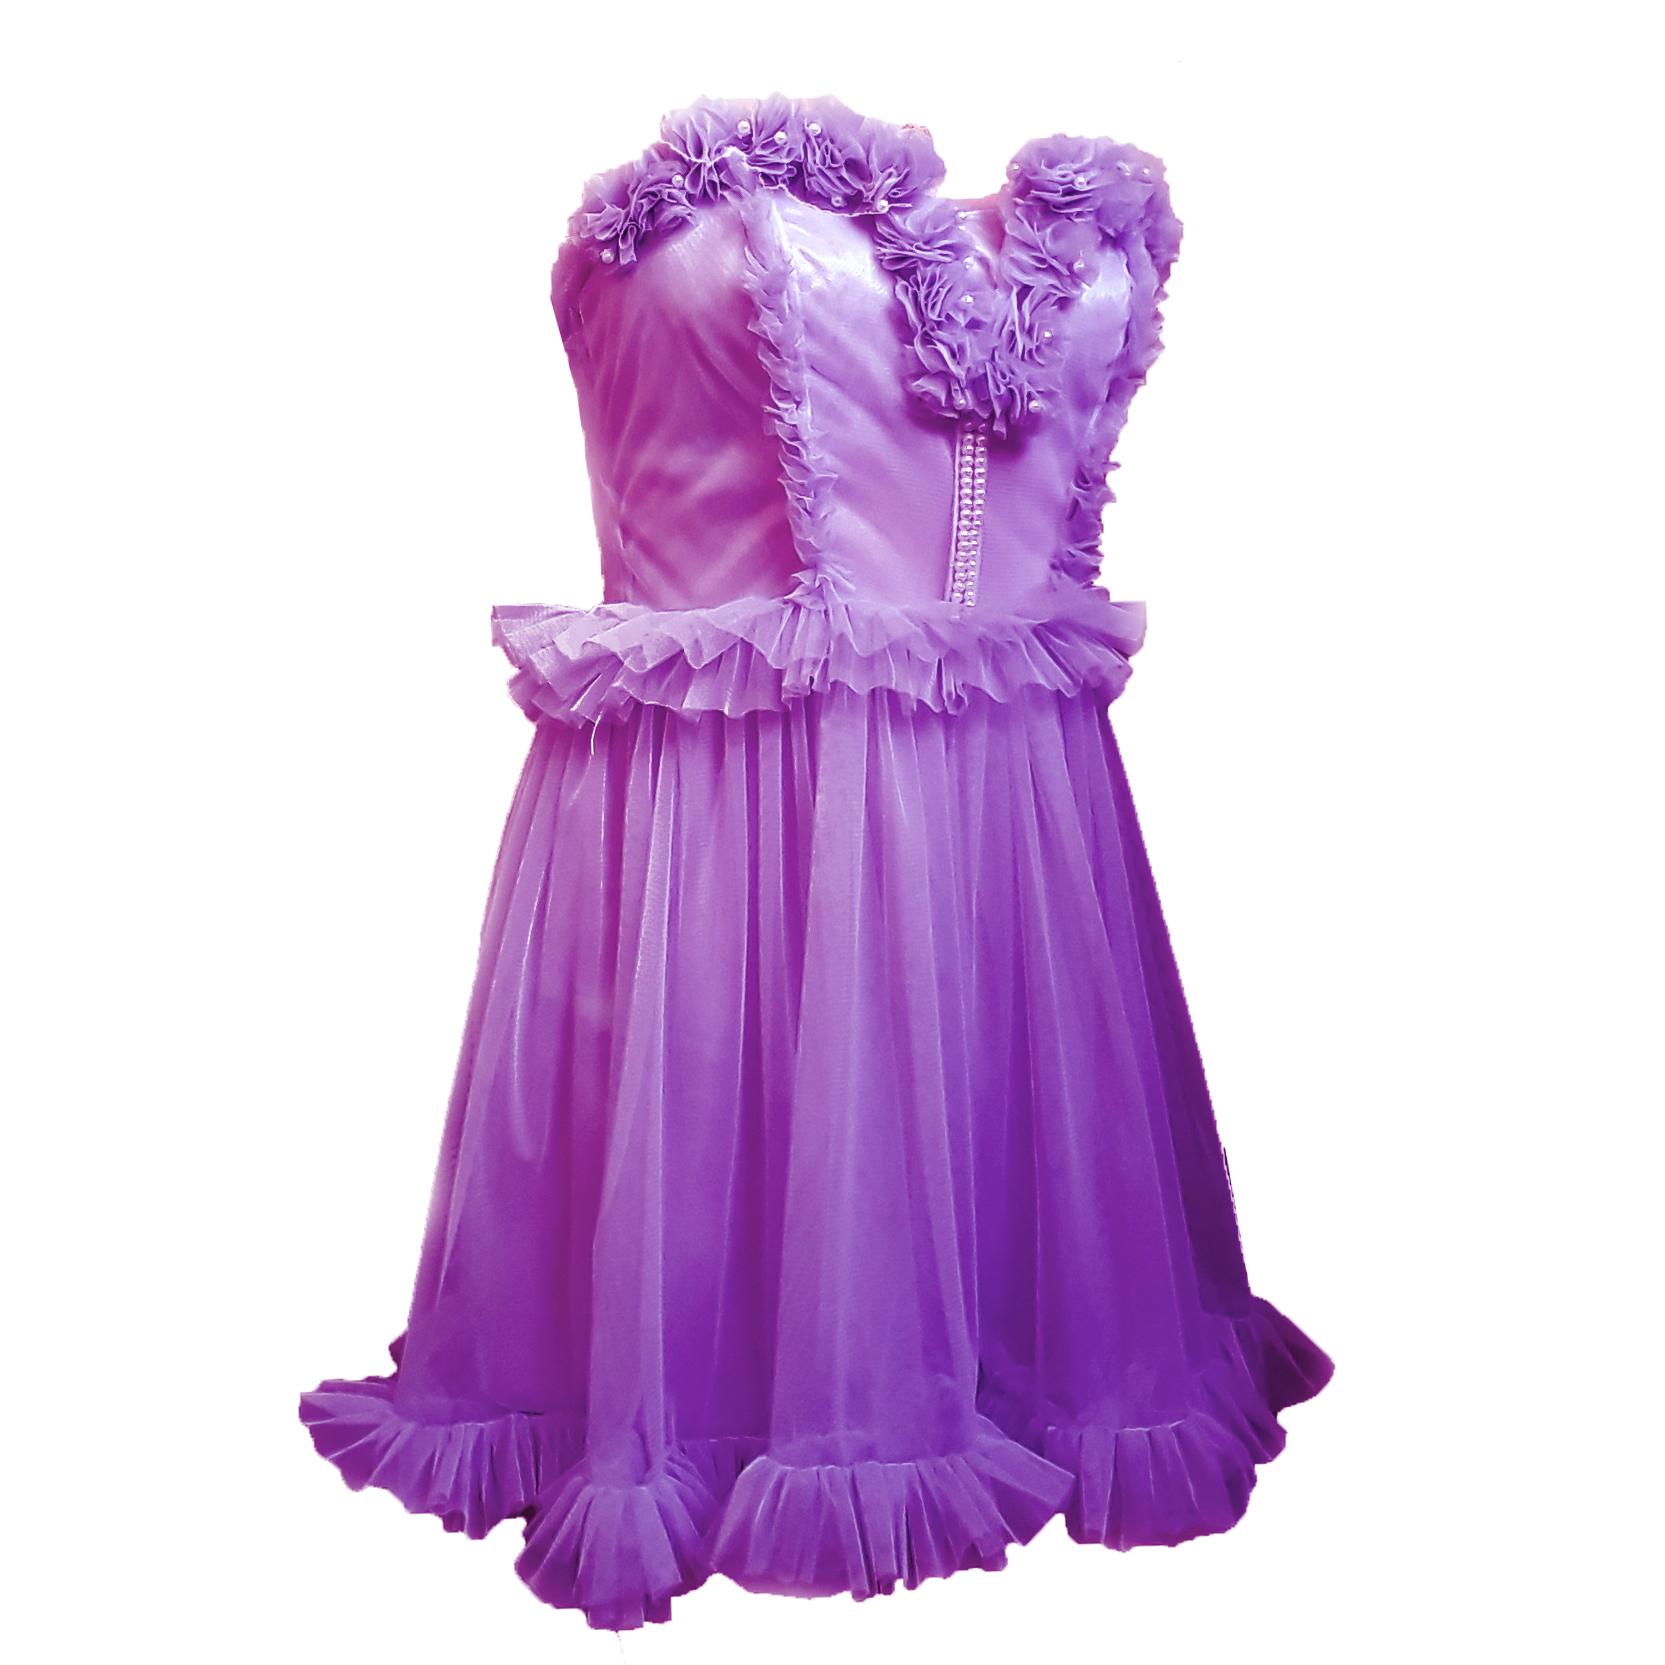 لباس دکلته زیبا